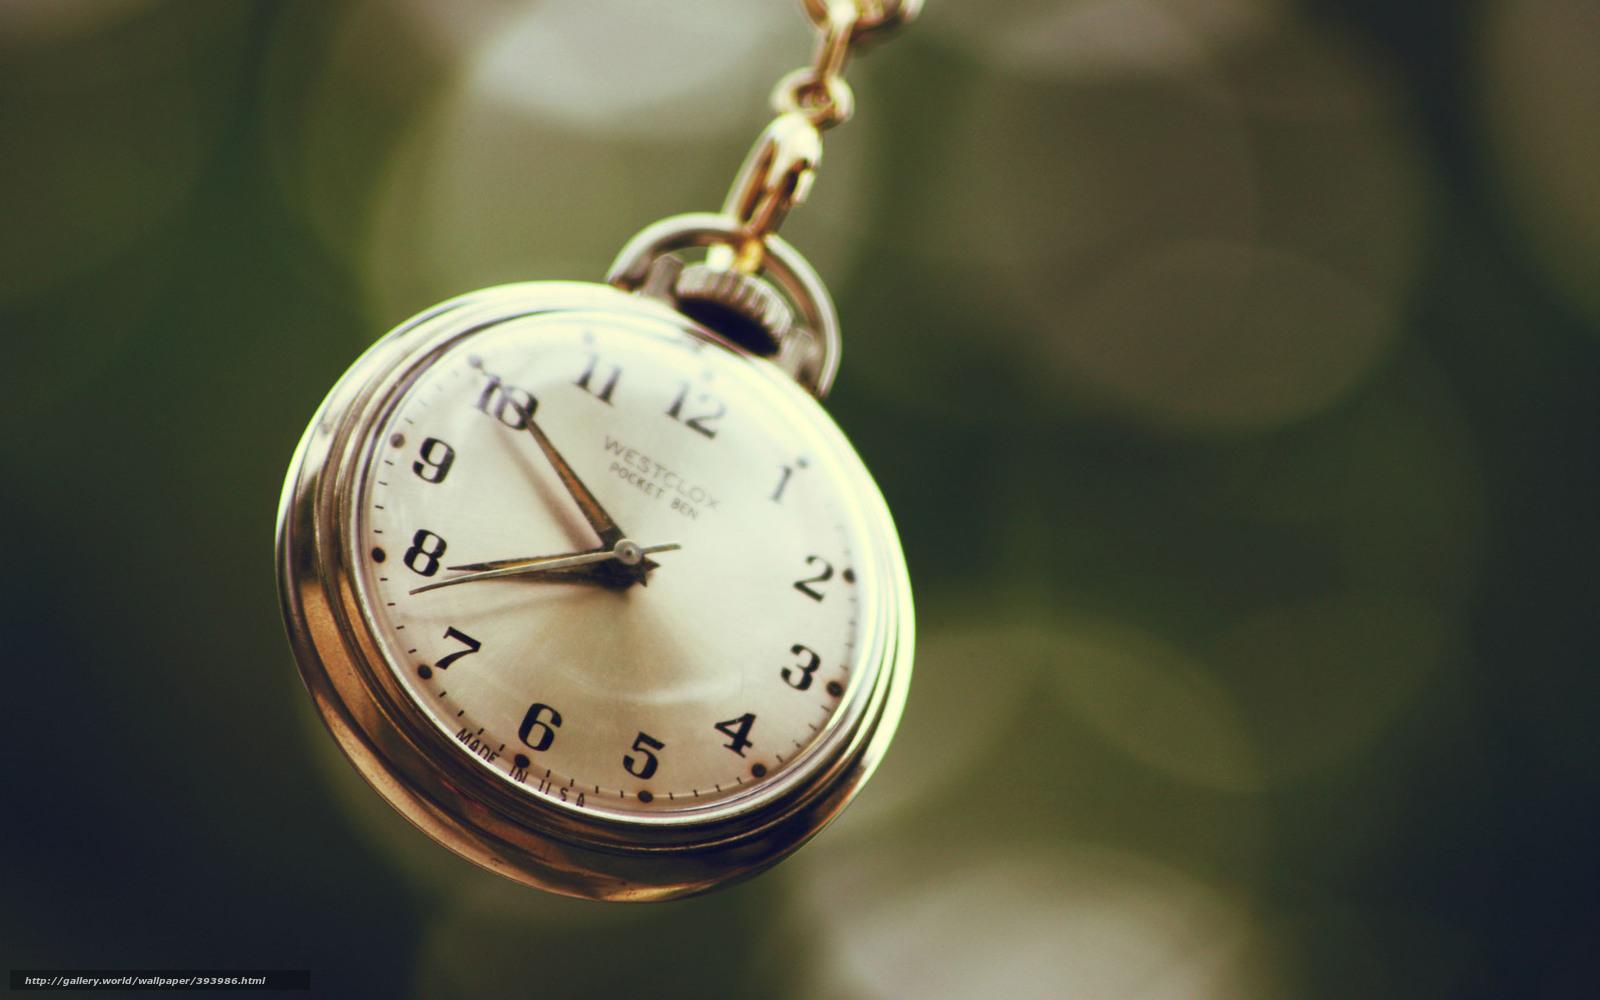 Скачать обои макро,  часы,  циферблат,  стрелки бесплатно для рабочего стола в разрешении 1680x1050 — картинка №393986